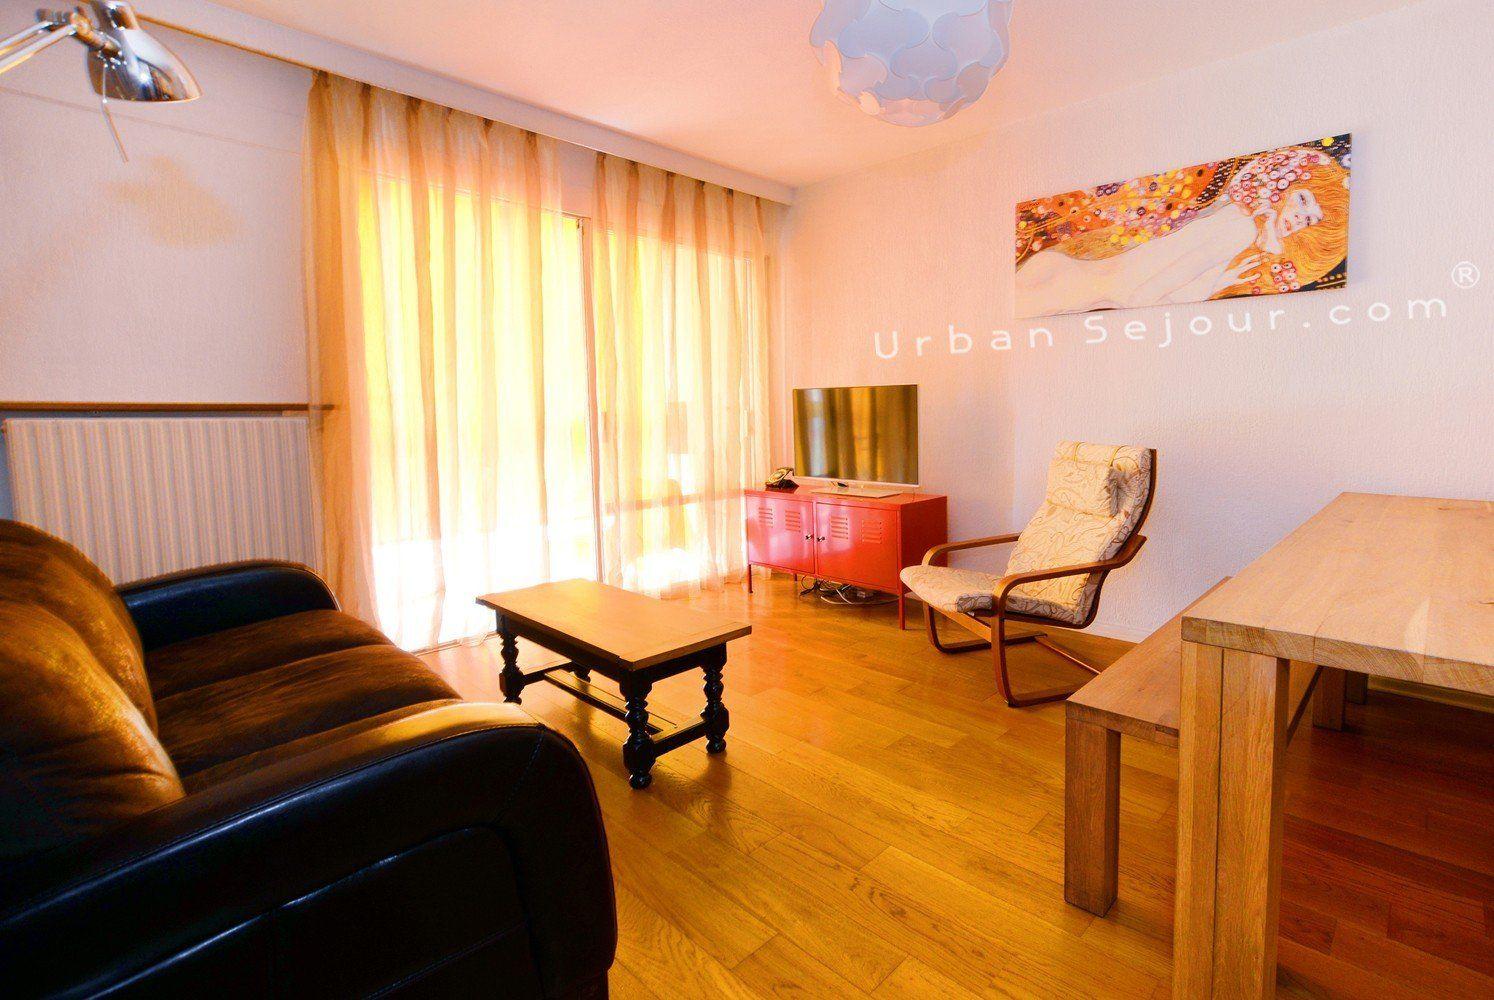 Location appartement meubl 3 chambres location saisonni re lyon 7 garibaldi universit - Location appartement lyon meuble ...